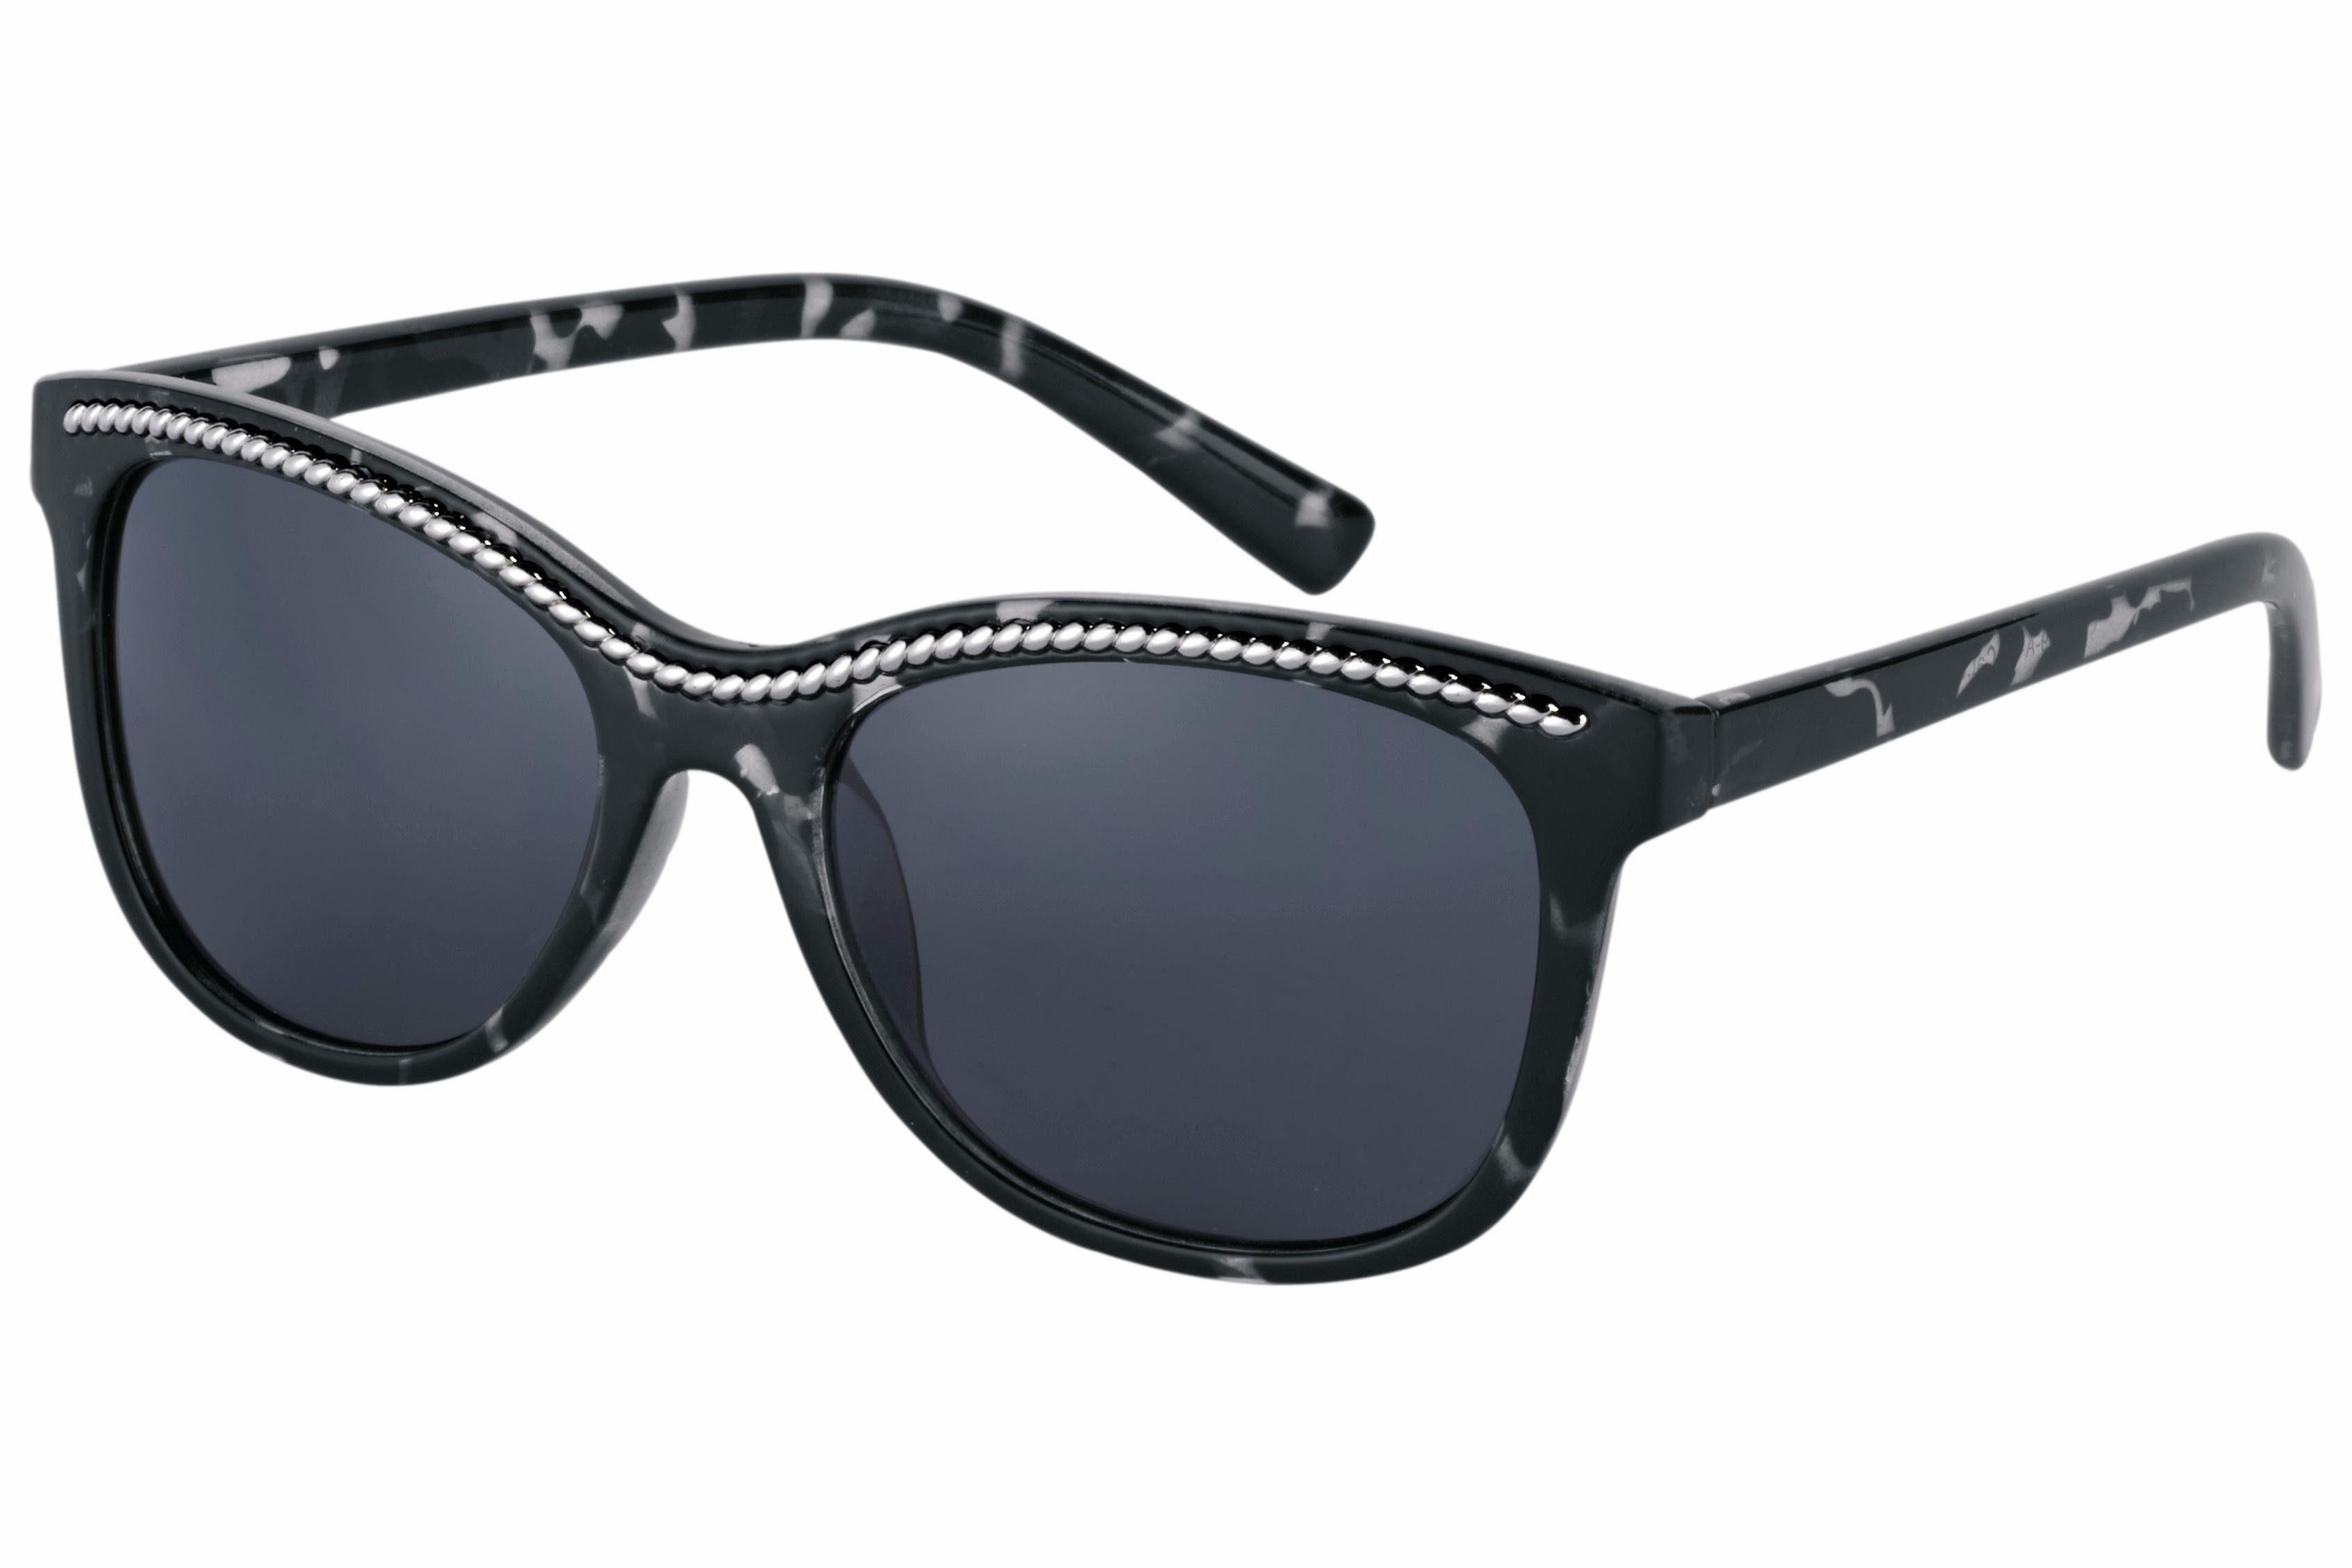 Heine Sonnenbrille mit Kettenoptik